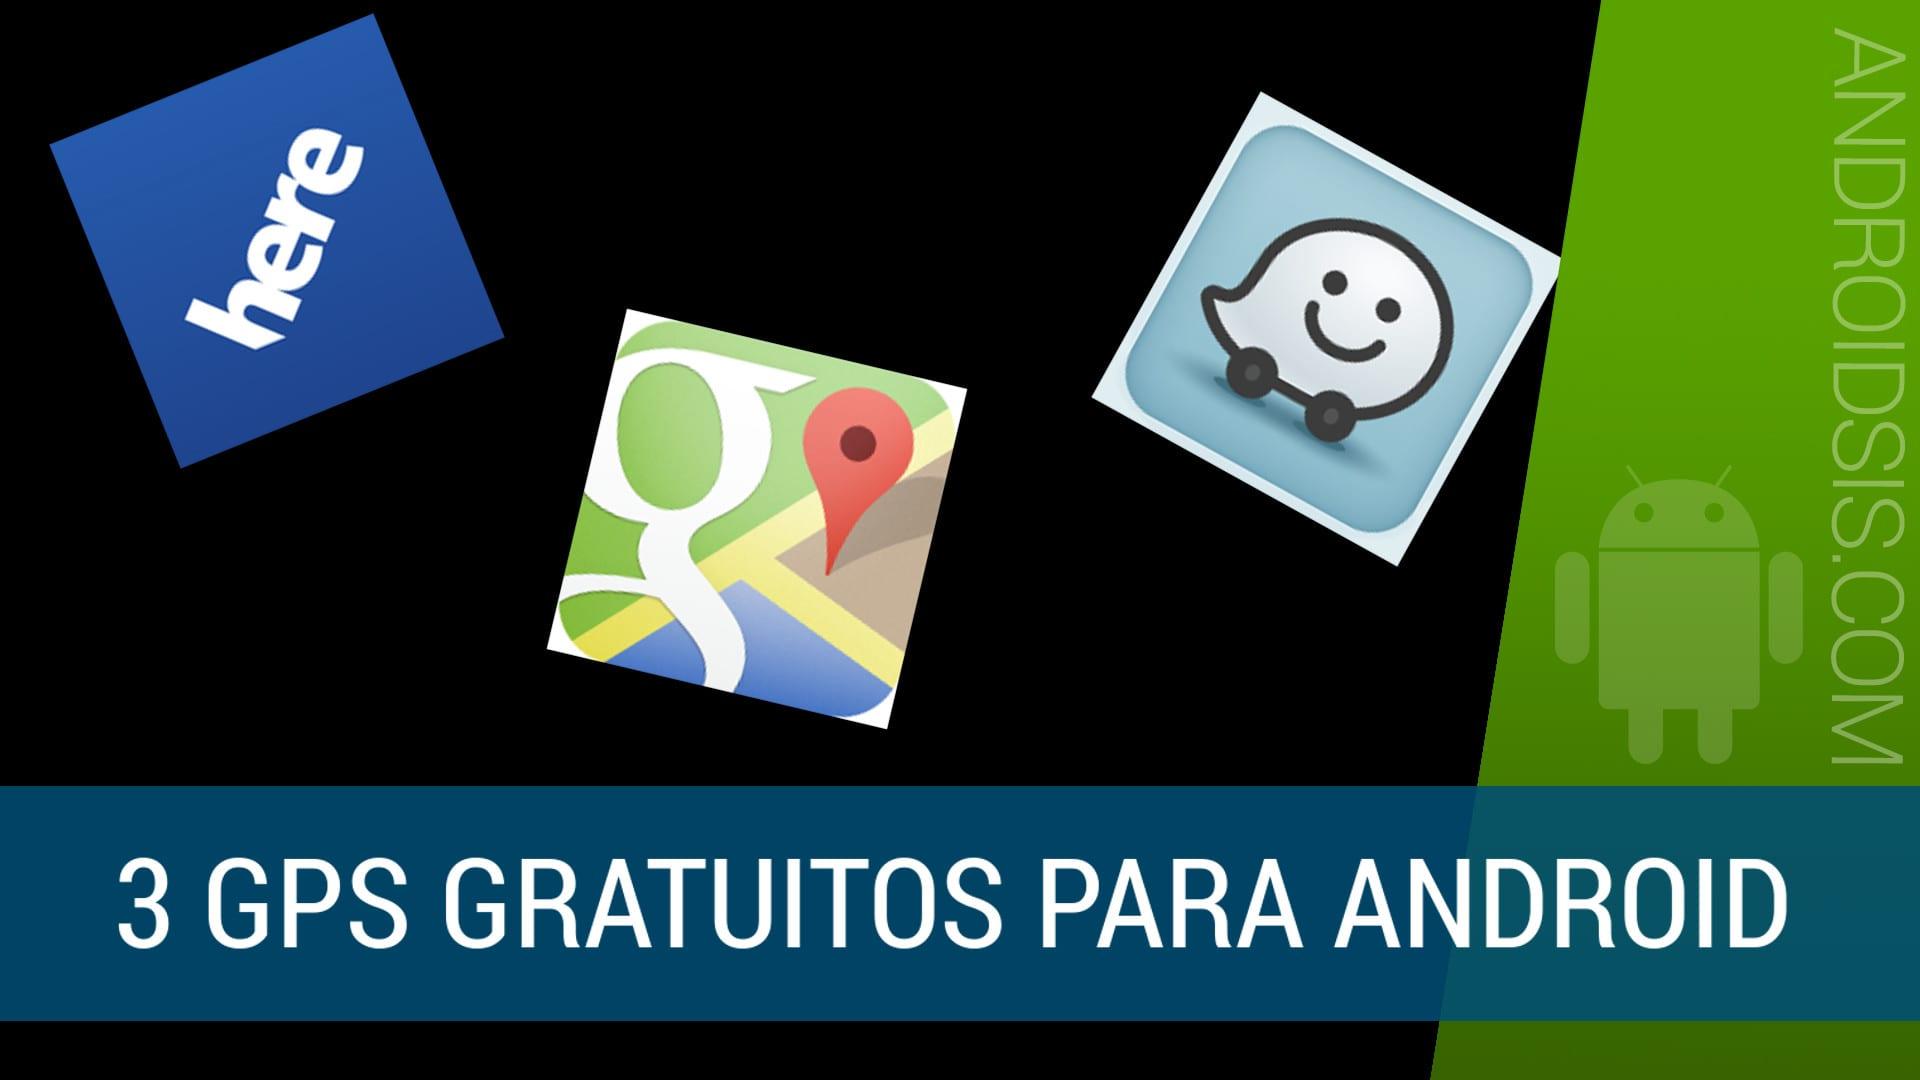 3Los 3 mejores GPS gratis para Android